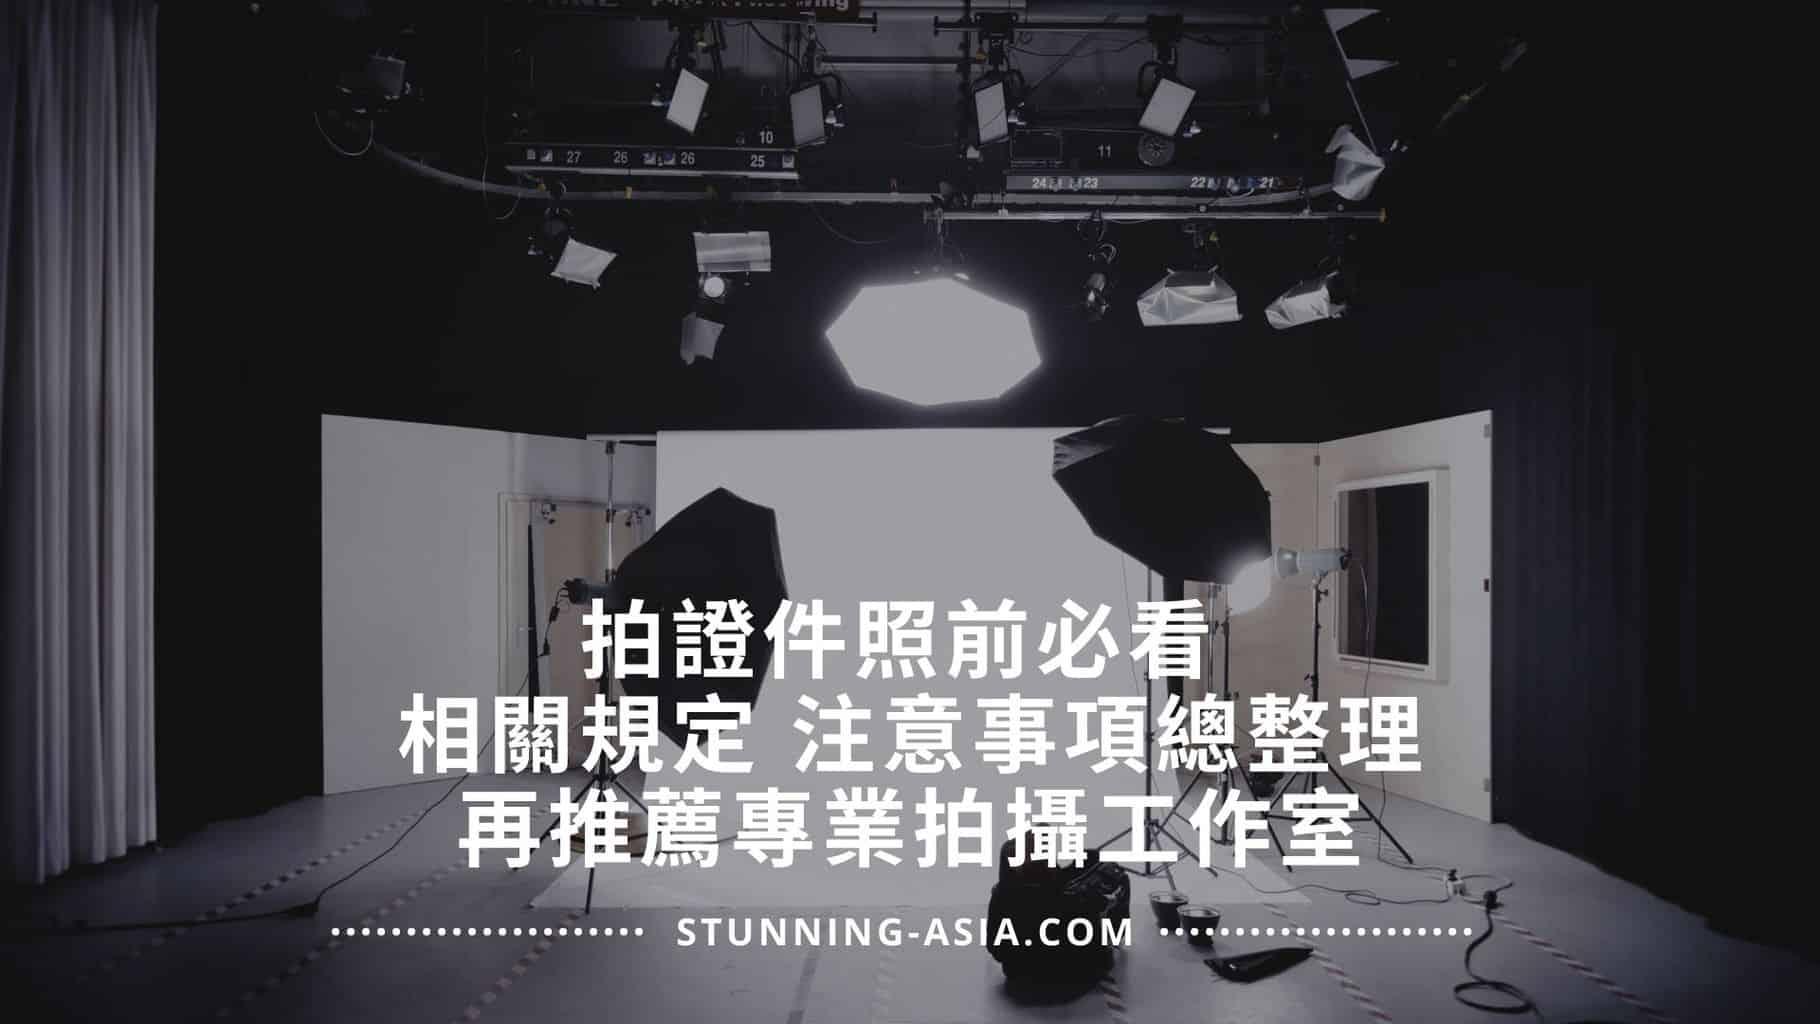 拍 證件照 前必看 | 相關規定及注意事項總整理,再推薦專業拍攝工作室!